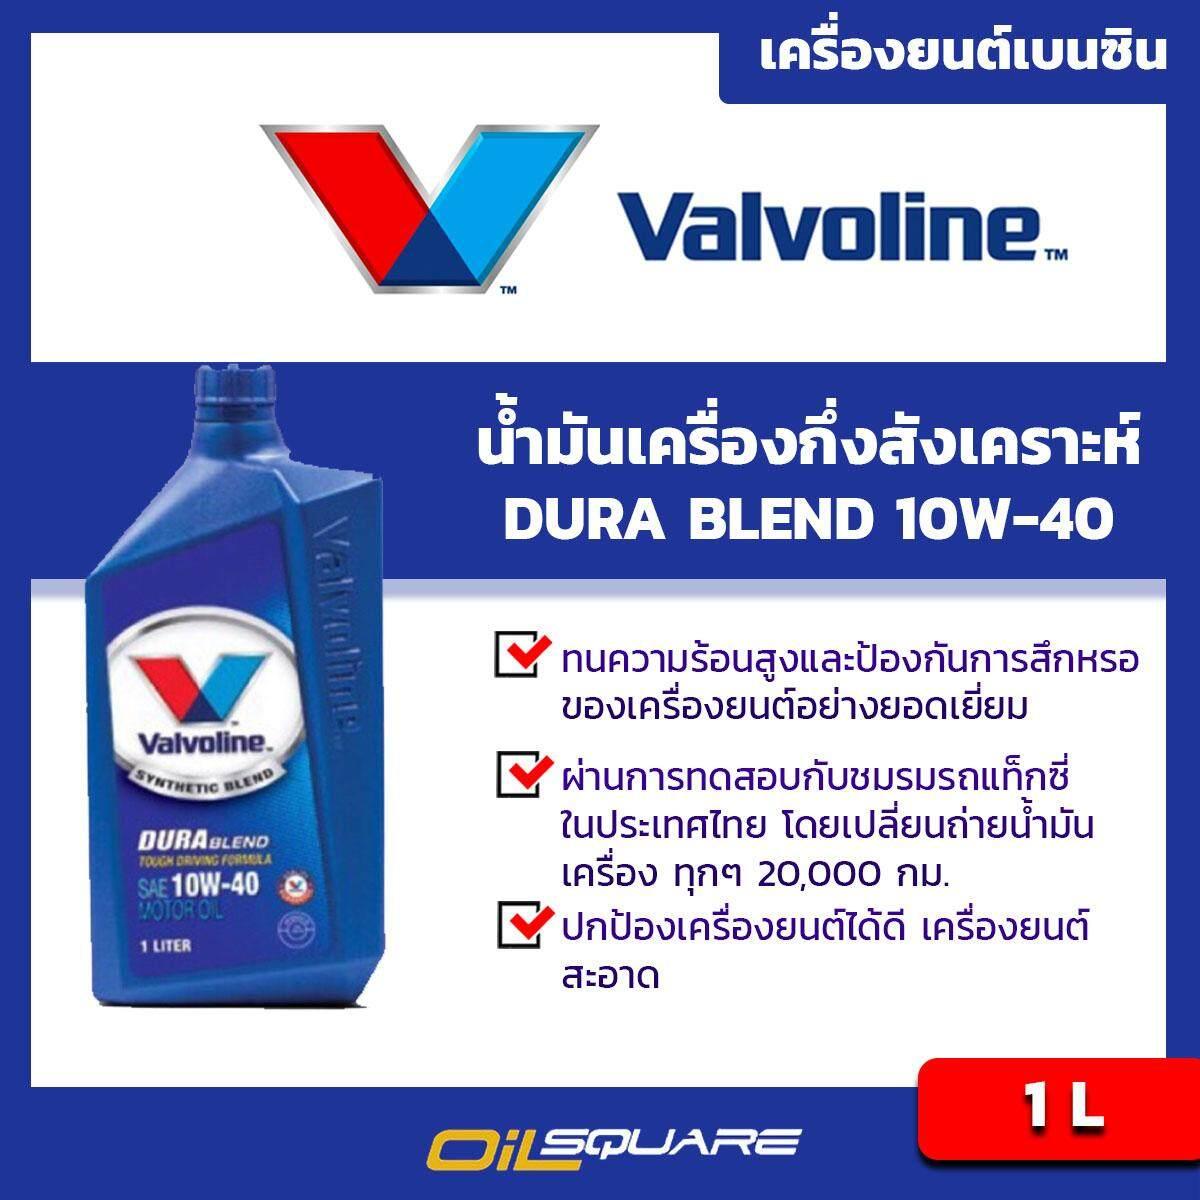 วาโวลีน ดูราเบลน Valvoline Durablend SAE 10W-40 ขนาด 1 ลิตร